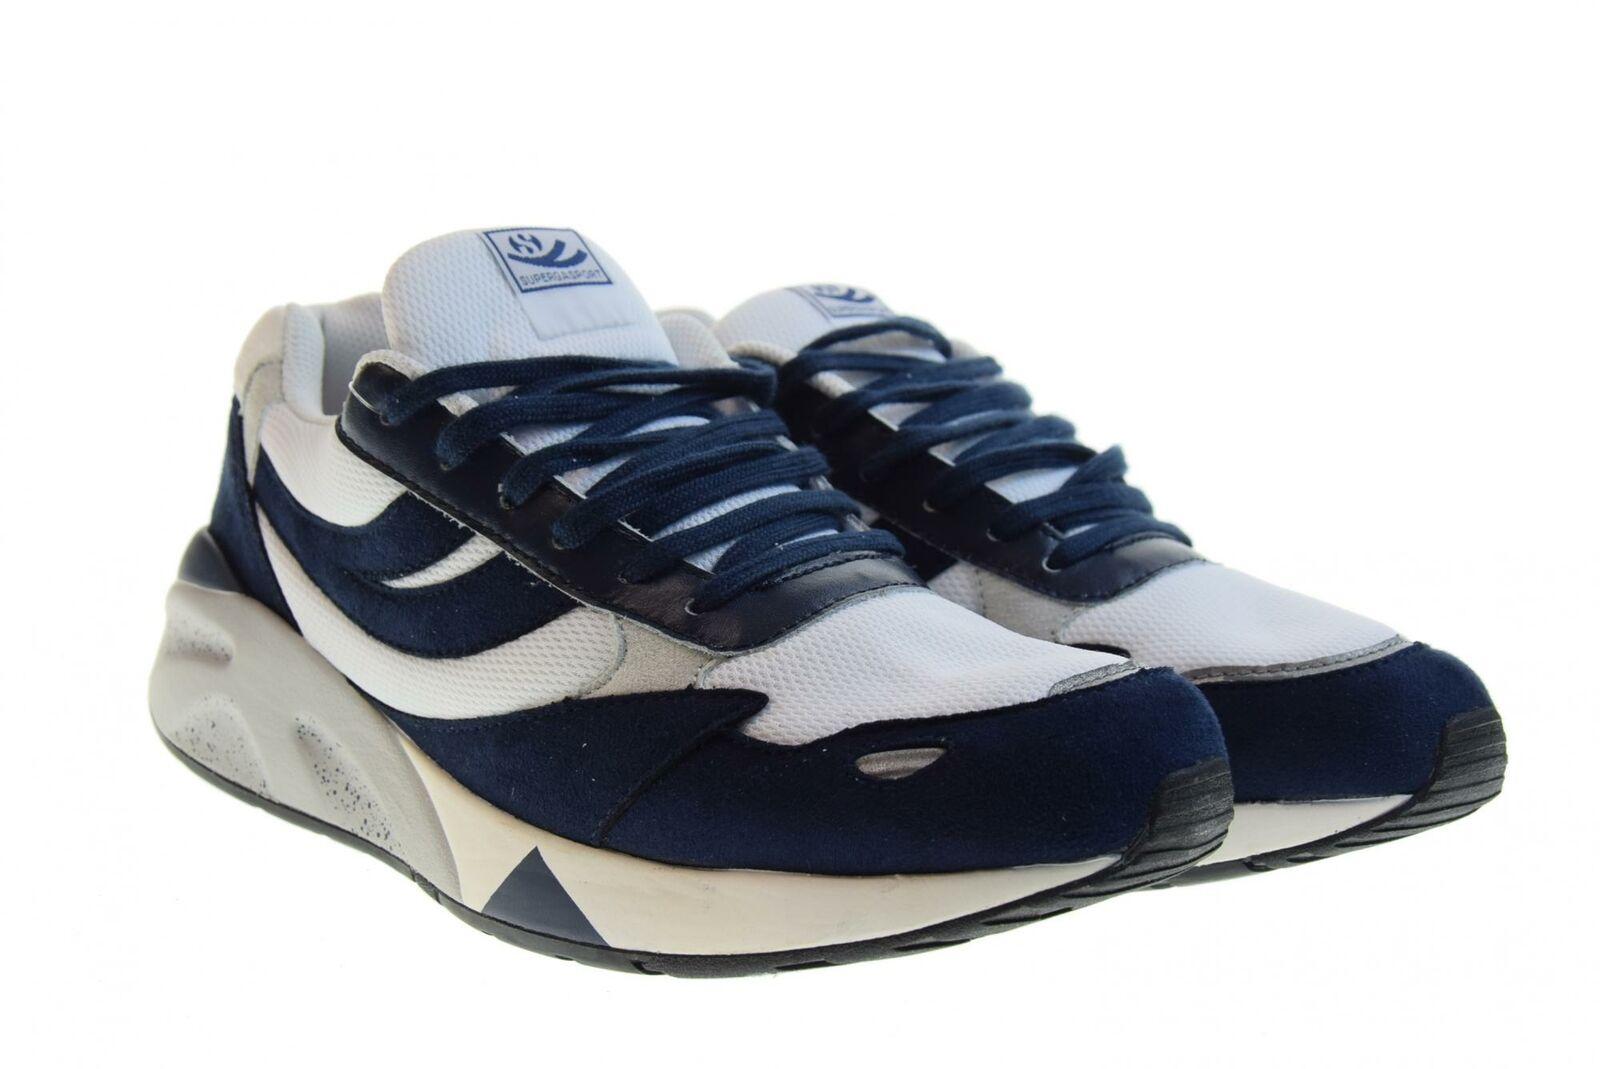 Superga Graue Schuhe | Damen Herren Schuhe Online